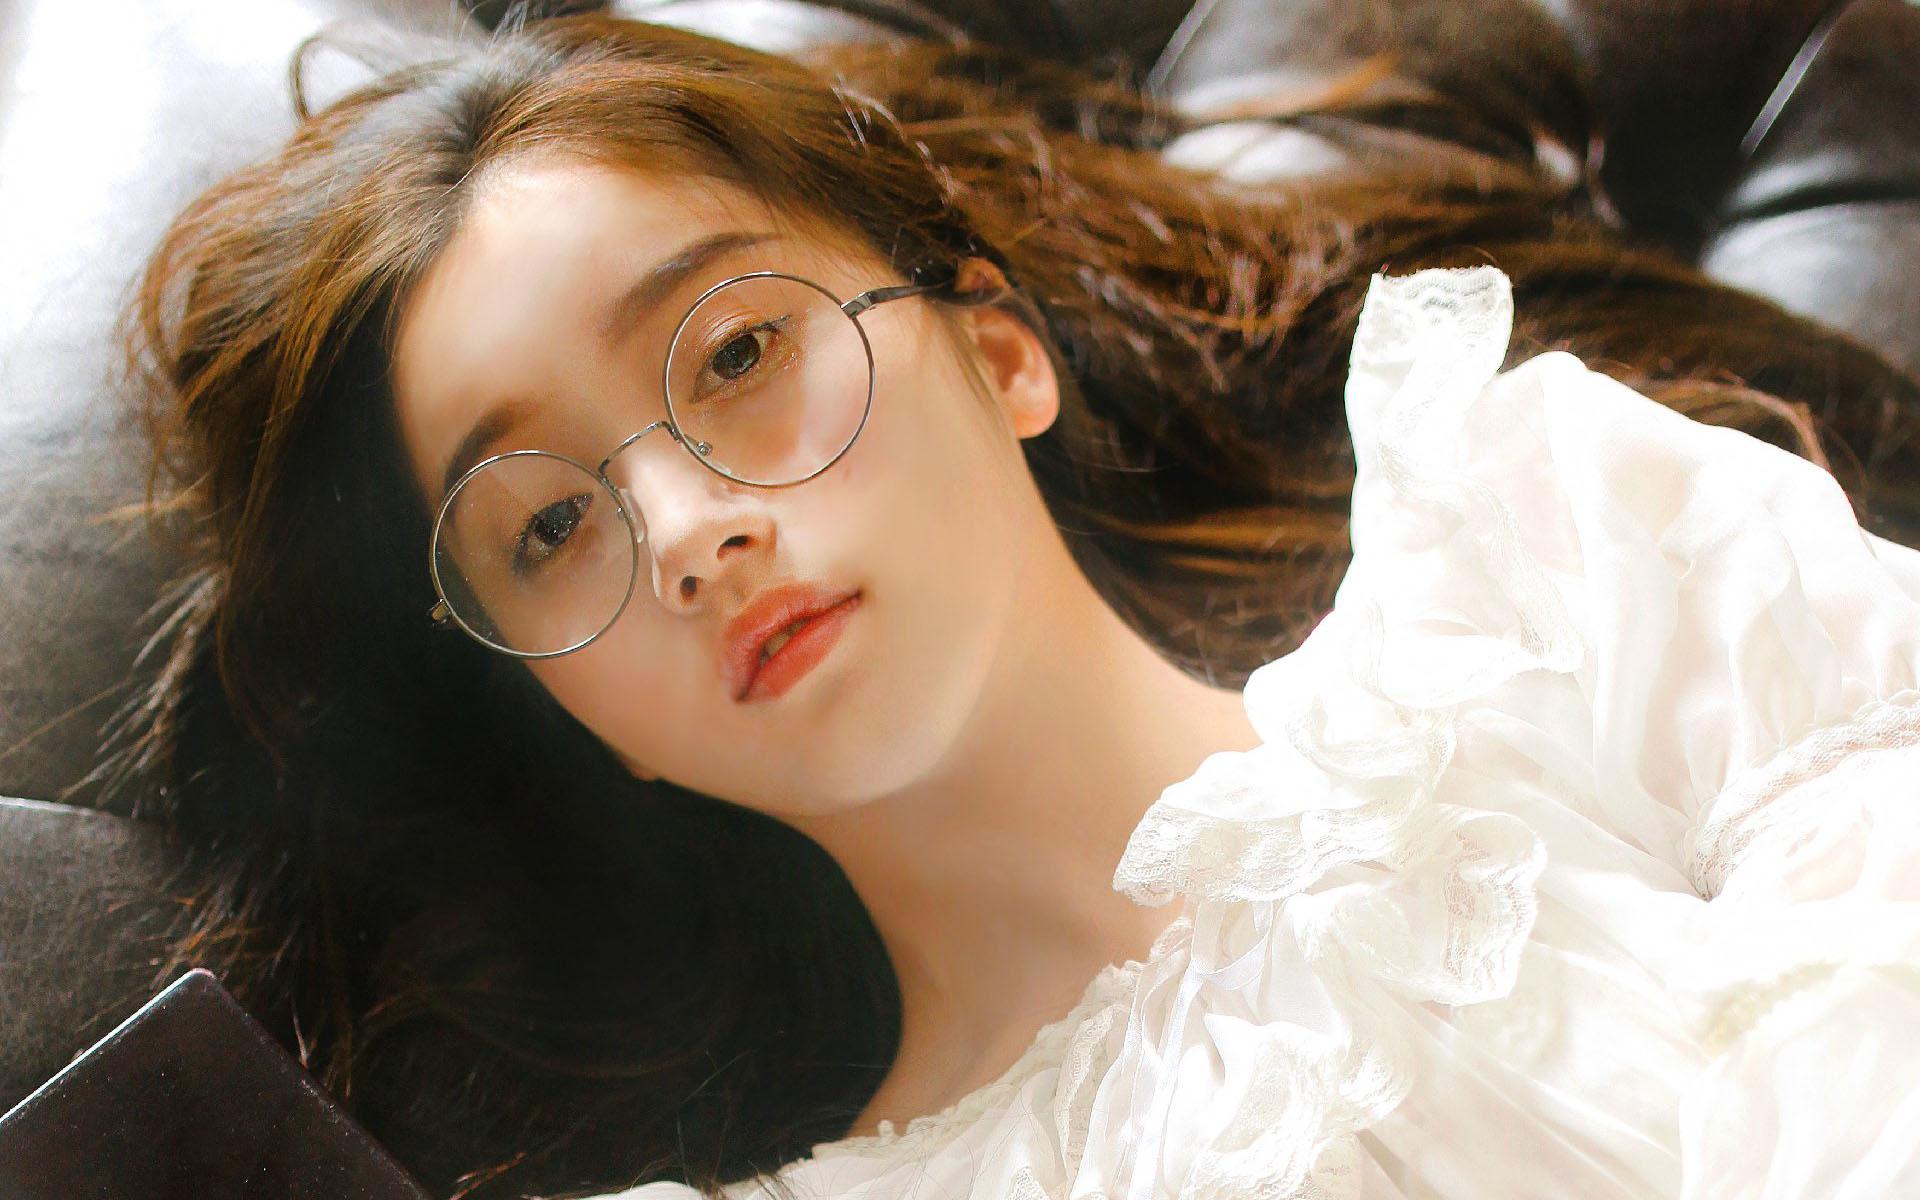 言情小说《微风飞过蔷薇》全文免费在线阅读 微风飞过蔷薇免费阅读全文